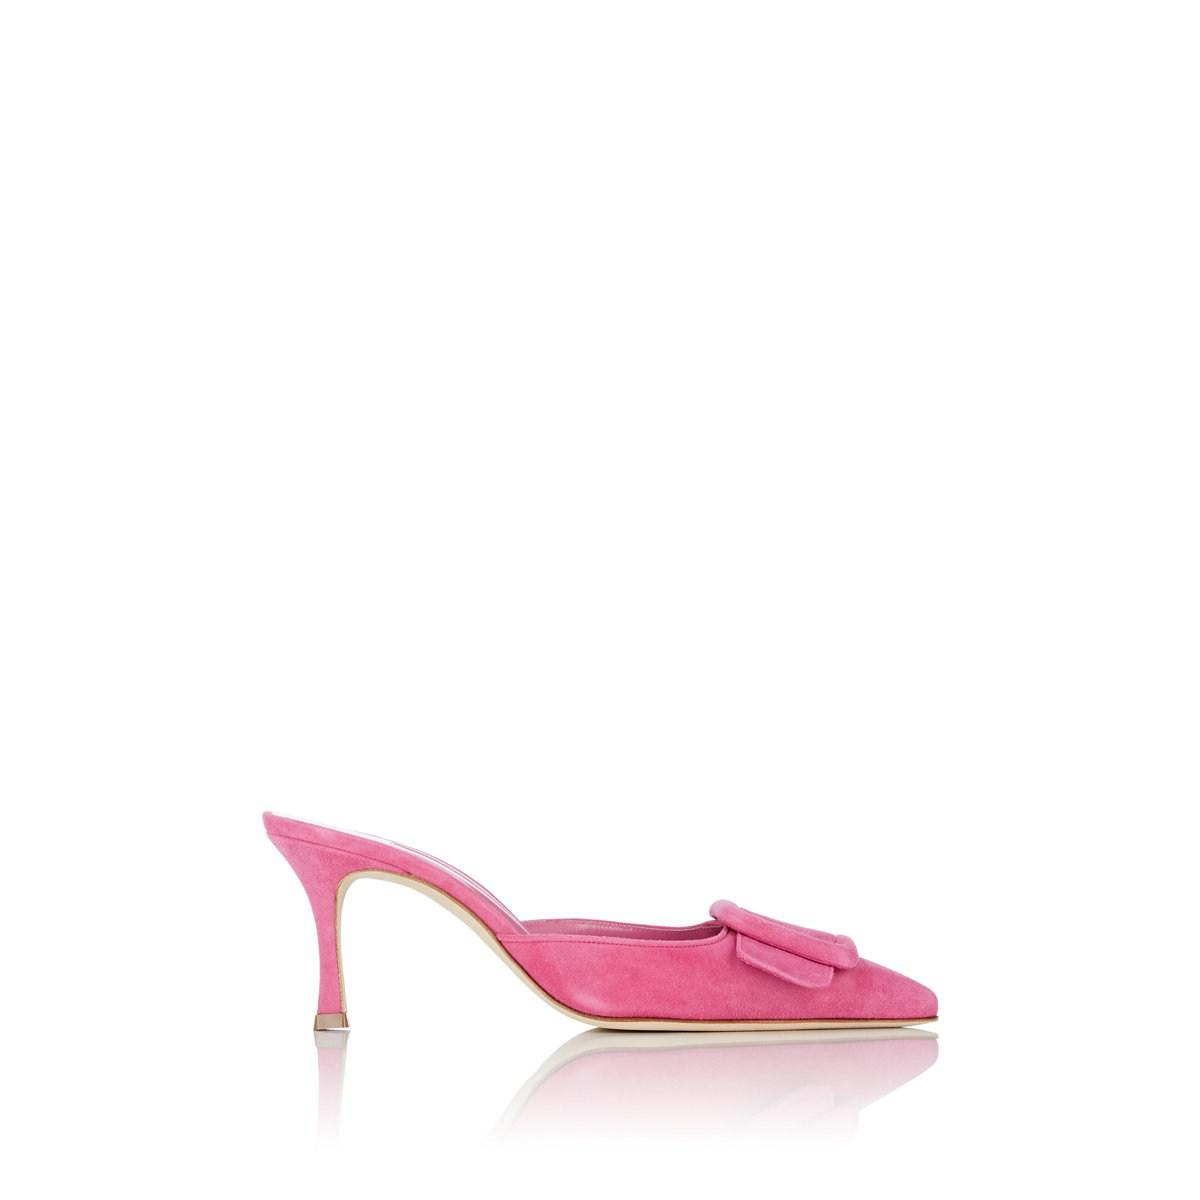 fd530aa13b466 Manolo Blahnik Maysale Suede Mules in Pink - Lyst